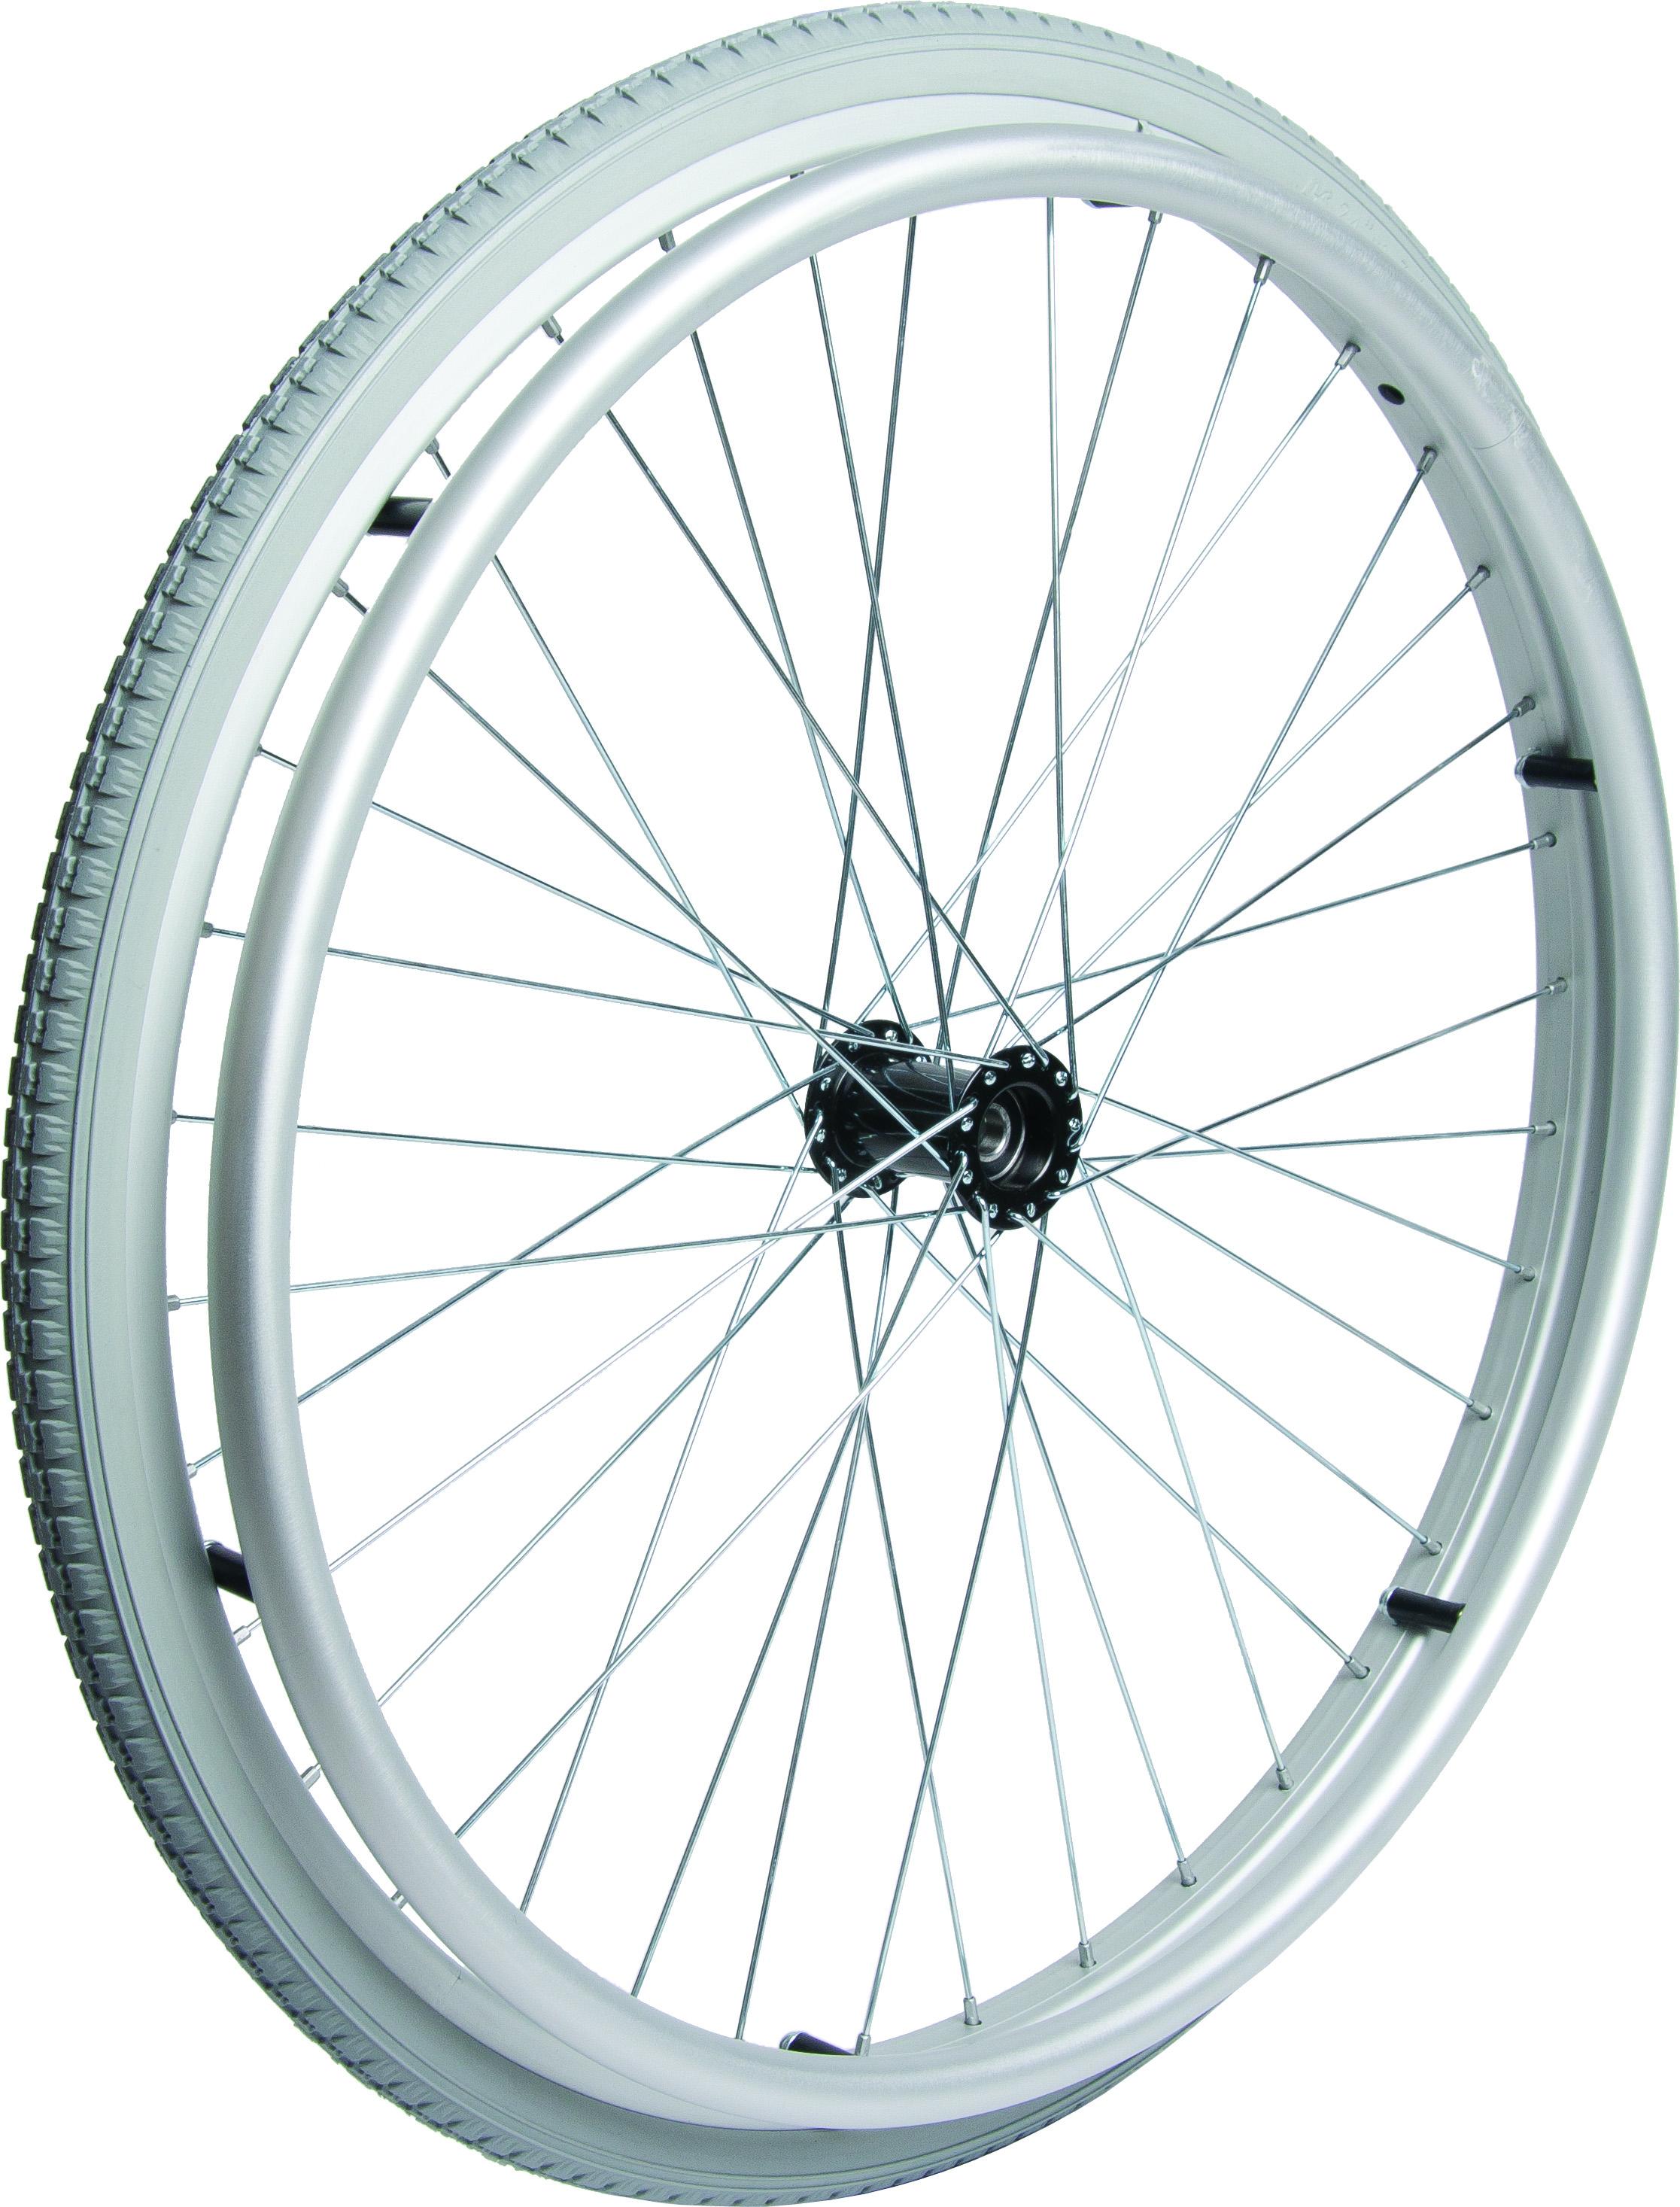 Komplet baghjul med dæk og drivring (22